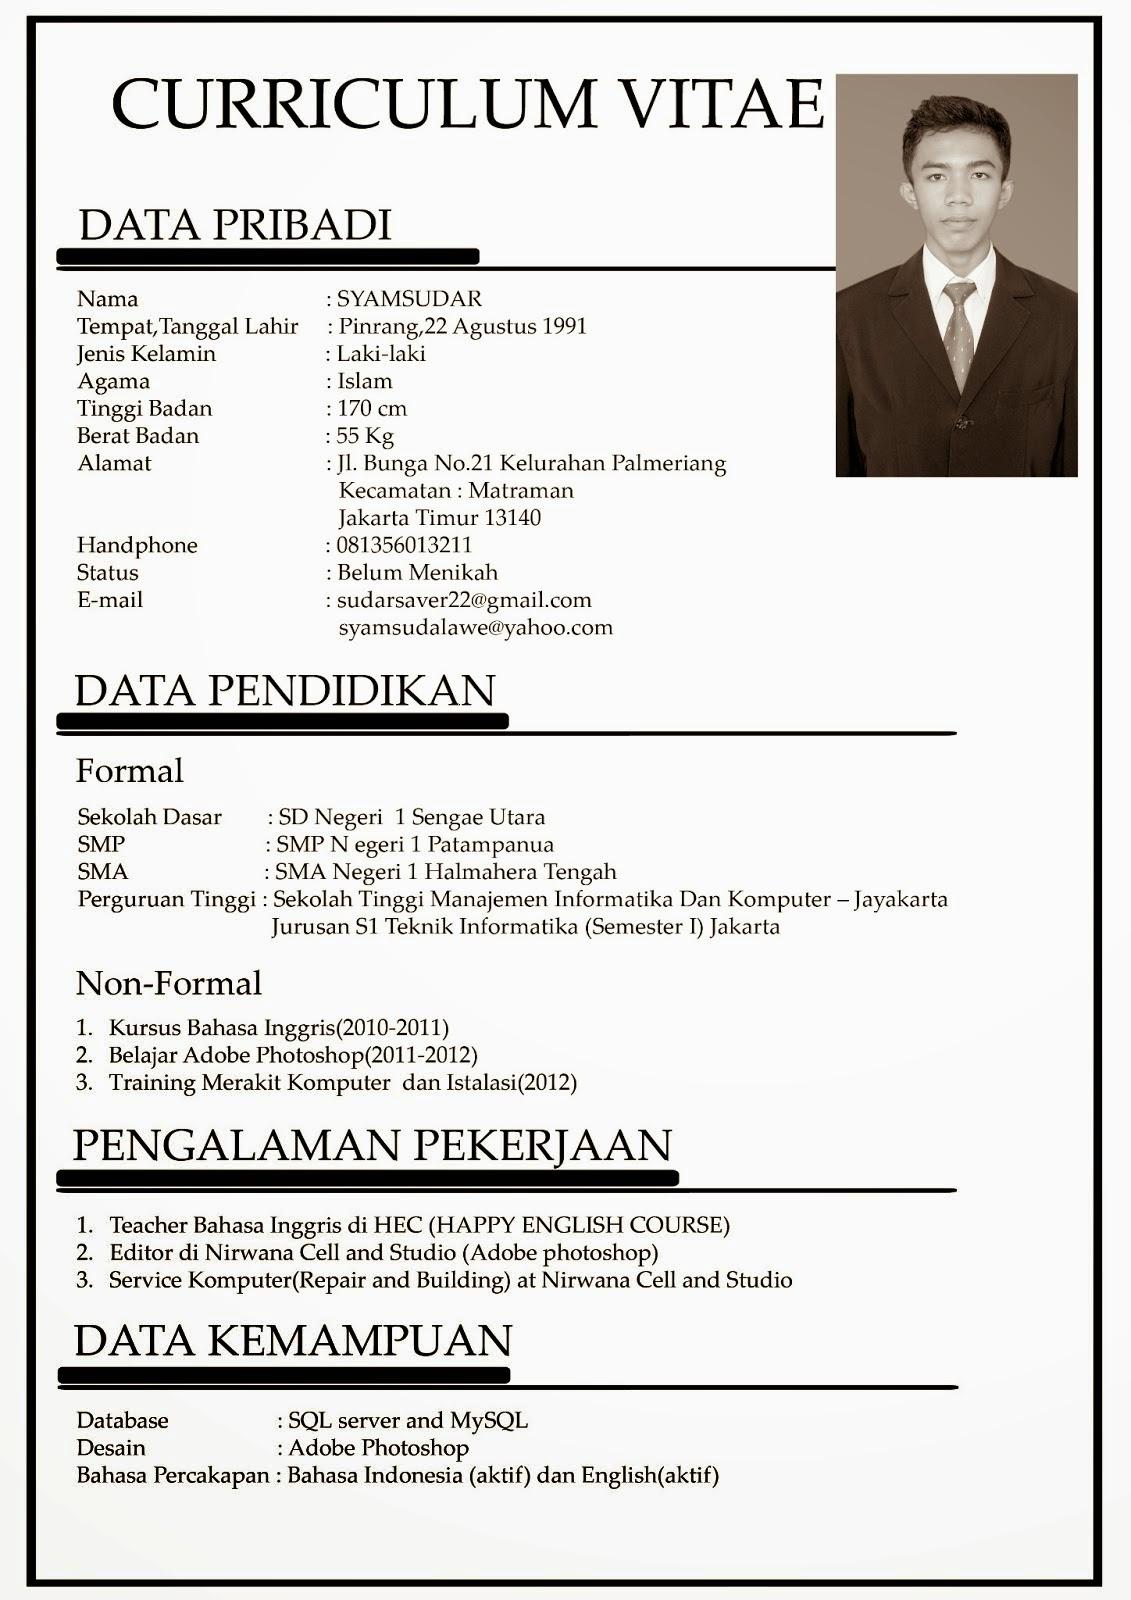 Contoh Curriculum Vitae Bahasa Indonesia Terbaik Essay Writing Format